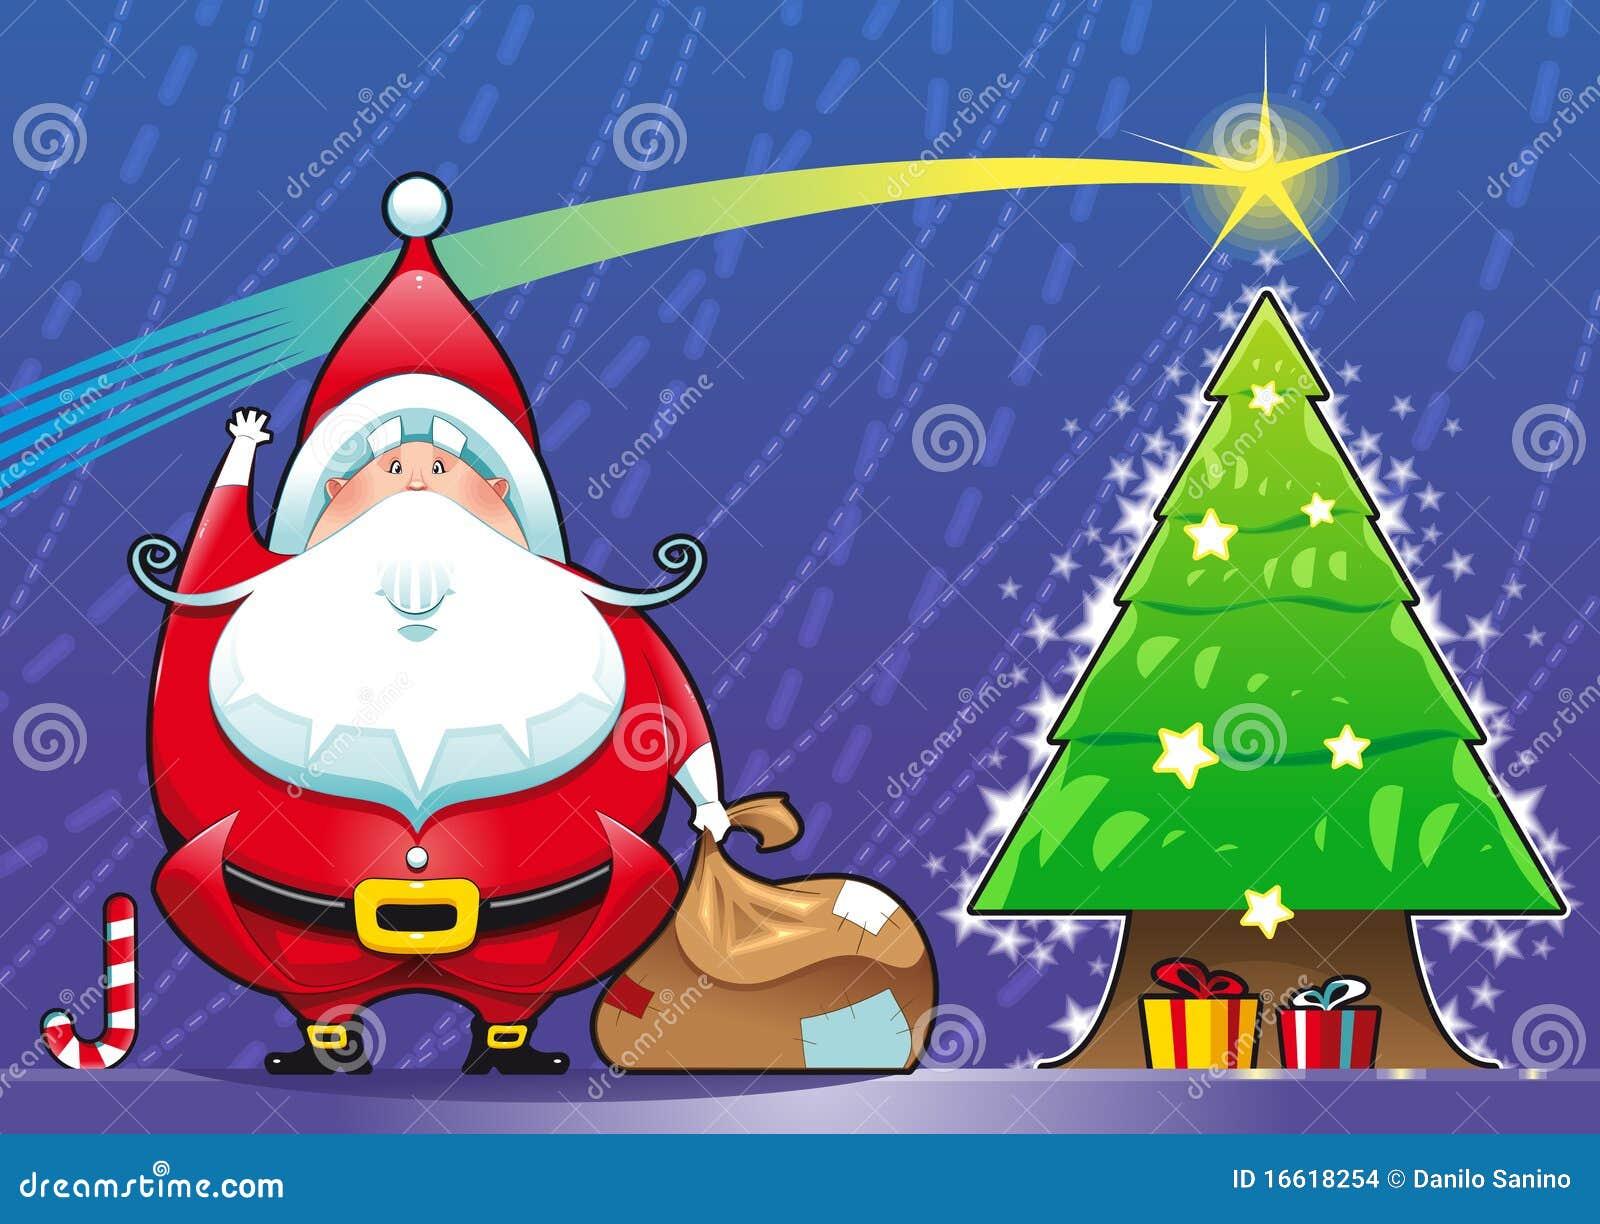 Weihnachtsmann mit Weihnachtsbaum.